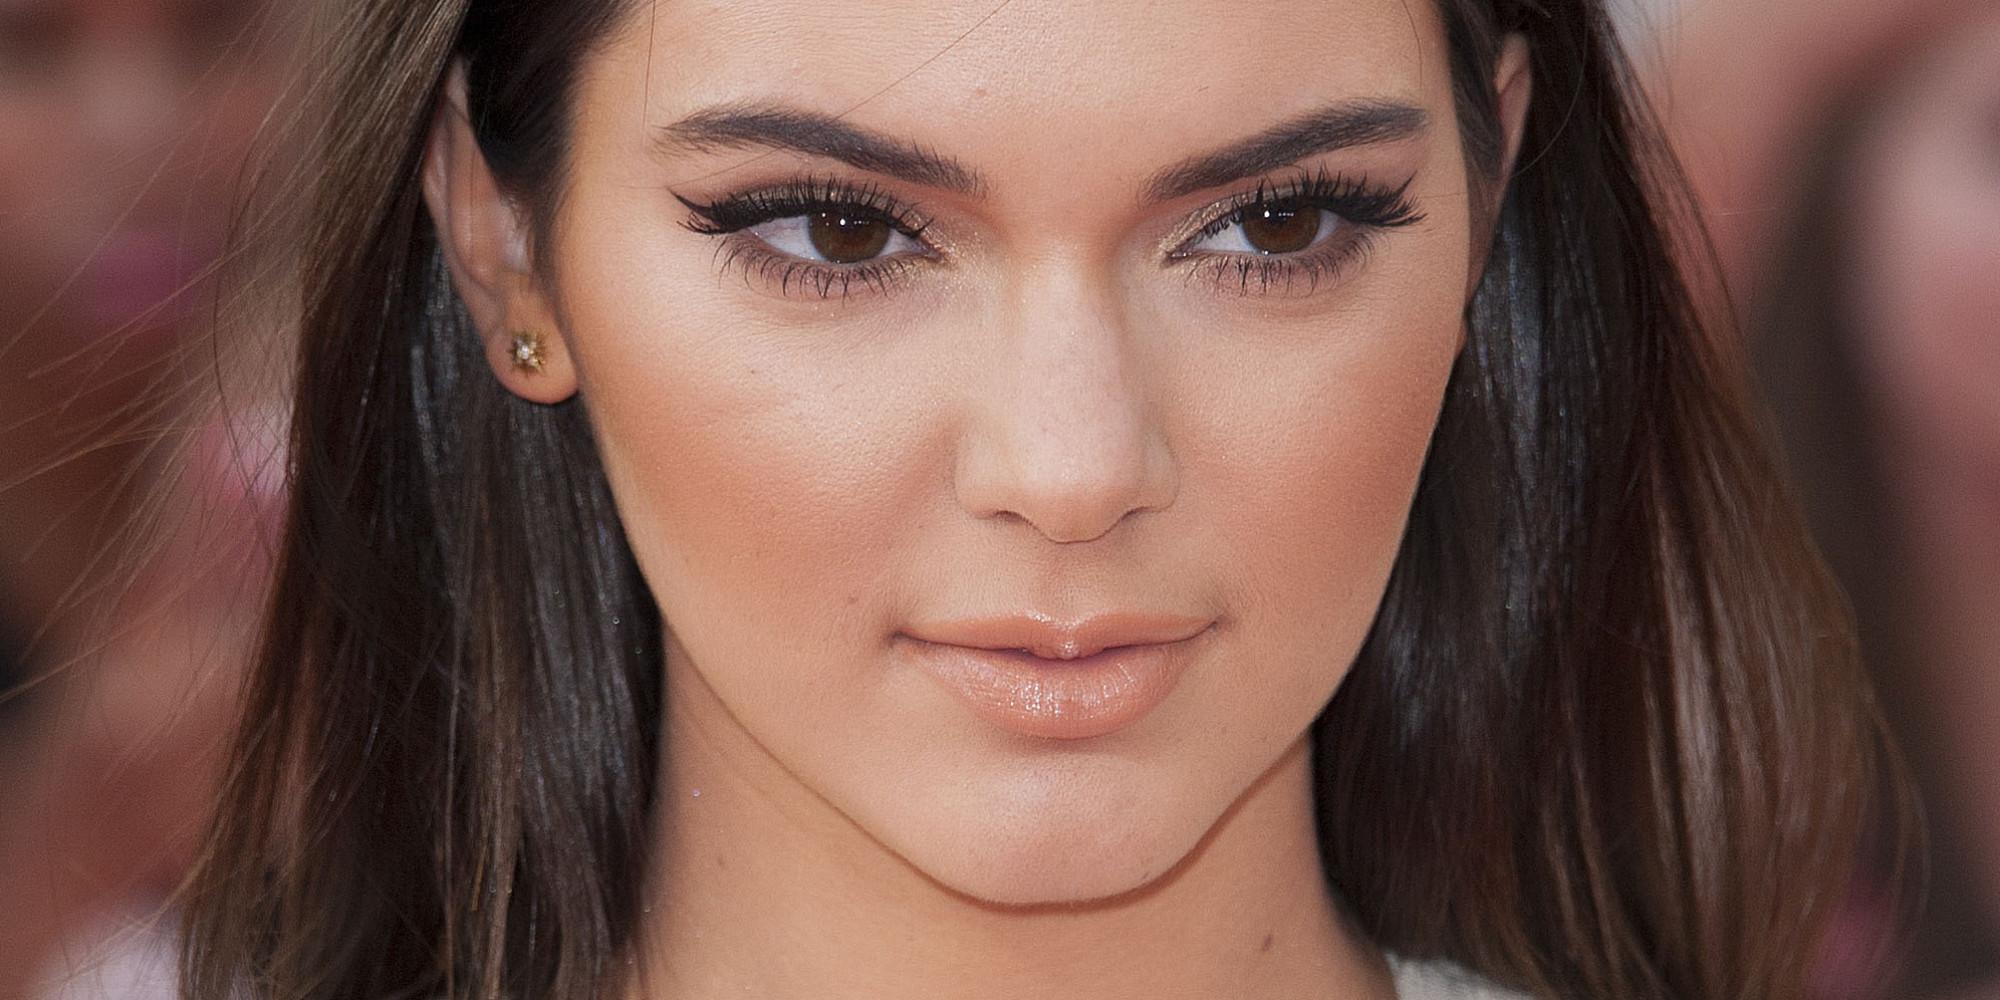 Arabic makeup eyes 2018